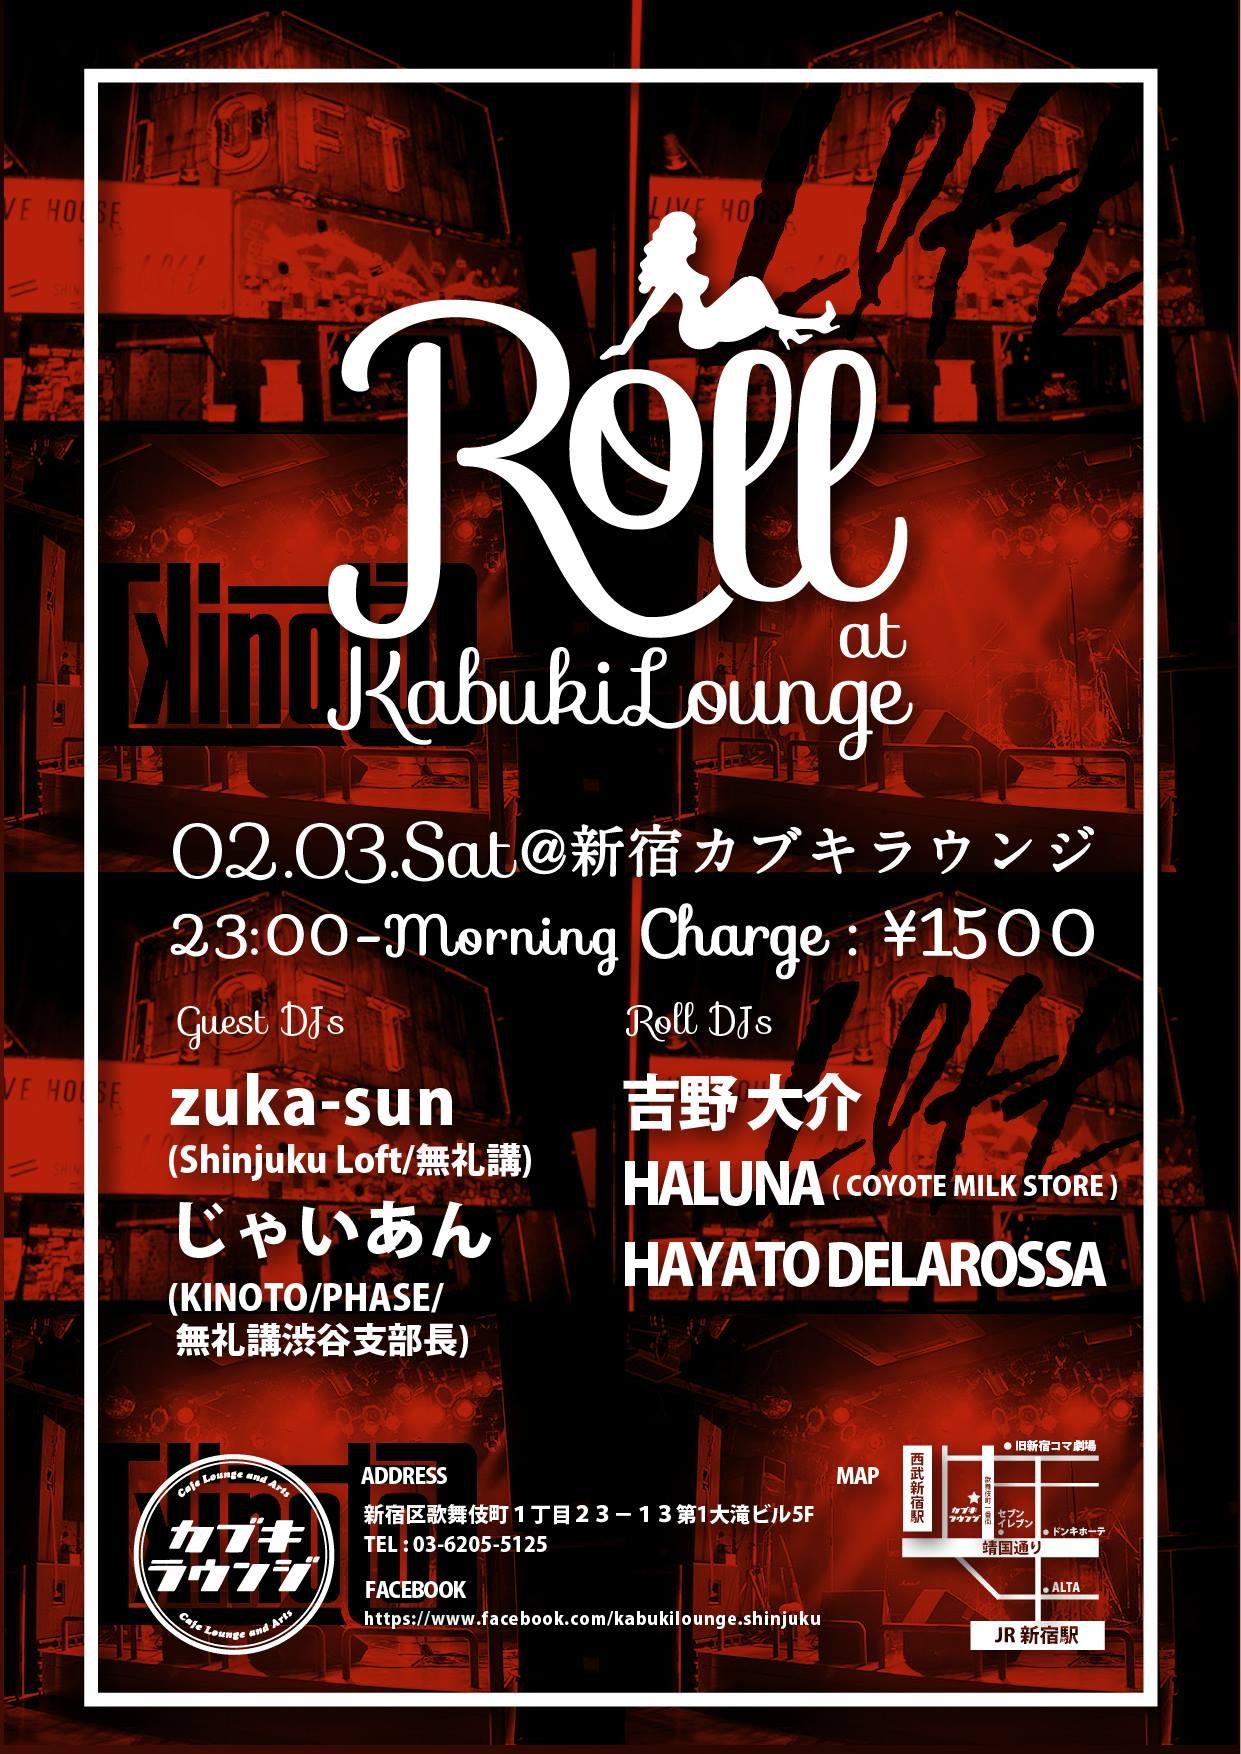 2018.02.03.SAT Roll @ 新宿カブキラウンジ